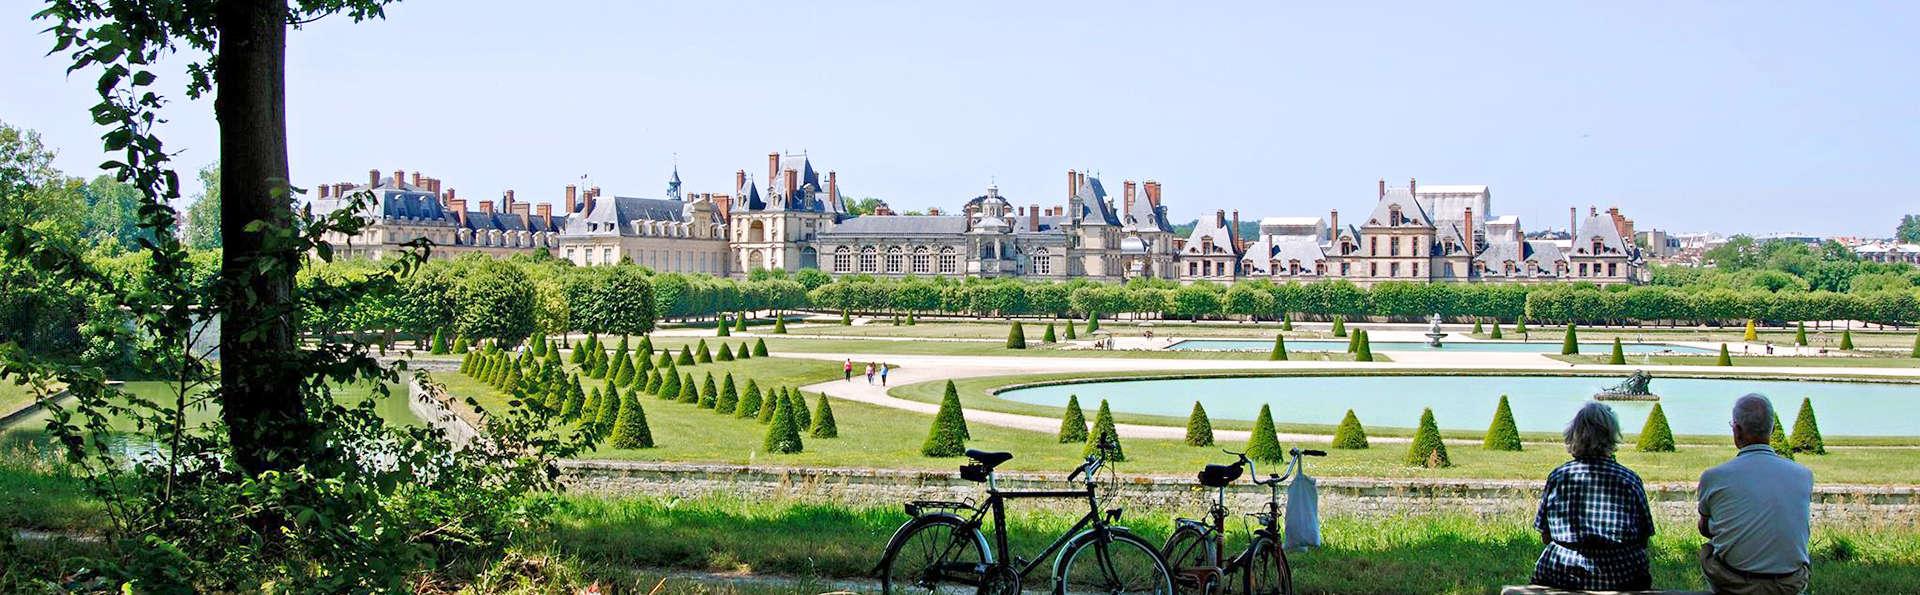 Échappée culturelle dans un hôtel 4* à Fontainebleau